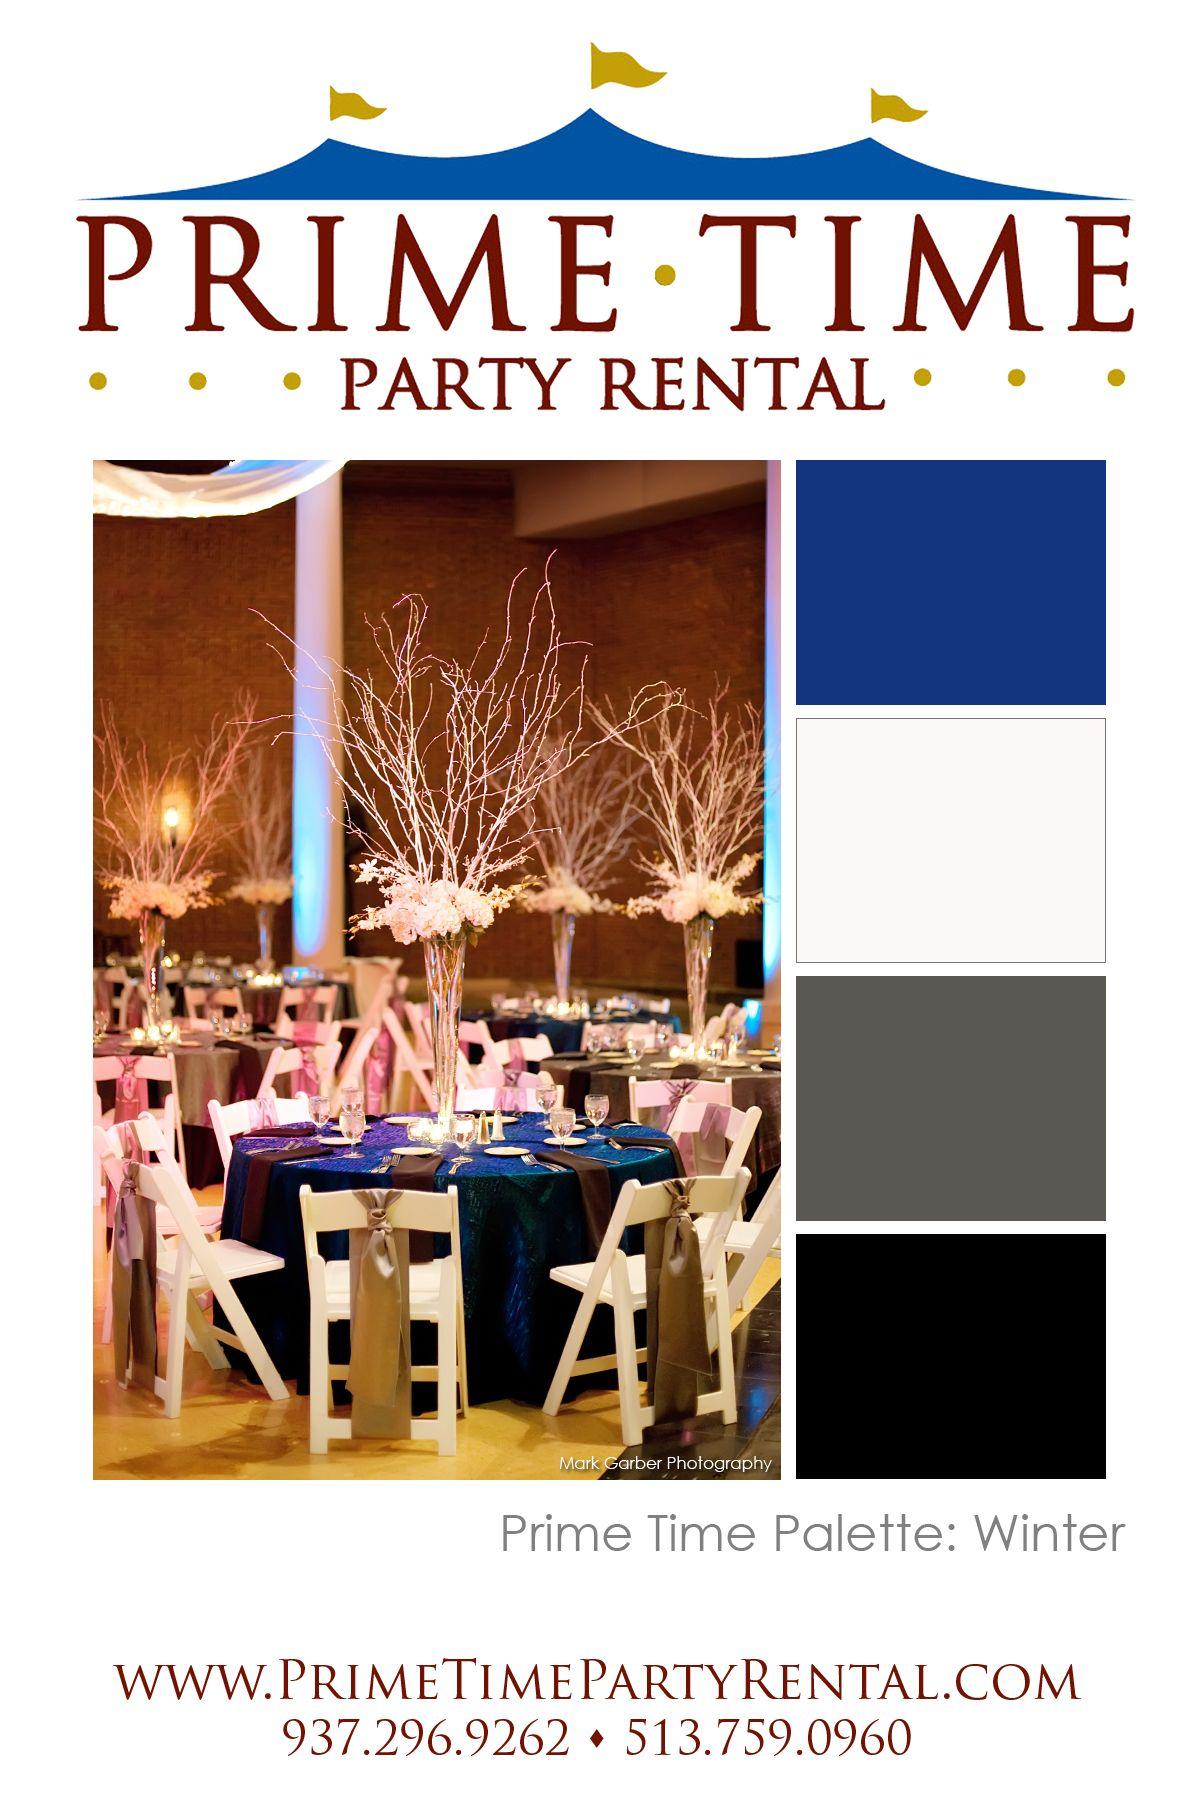 Dayton Cincinnati Oh Dayton Party Rentals Dayton Tent Rentals Wedding Accessories Linen Rentals Chair And Table Event Rental Party Rentals Tent Rentals